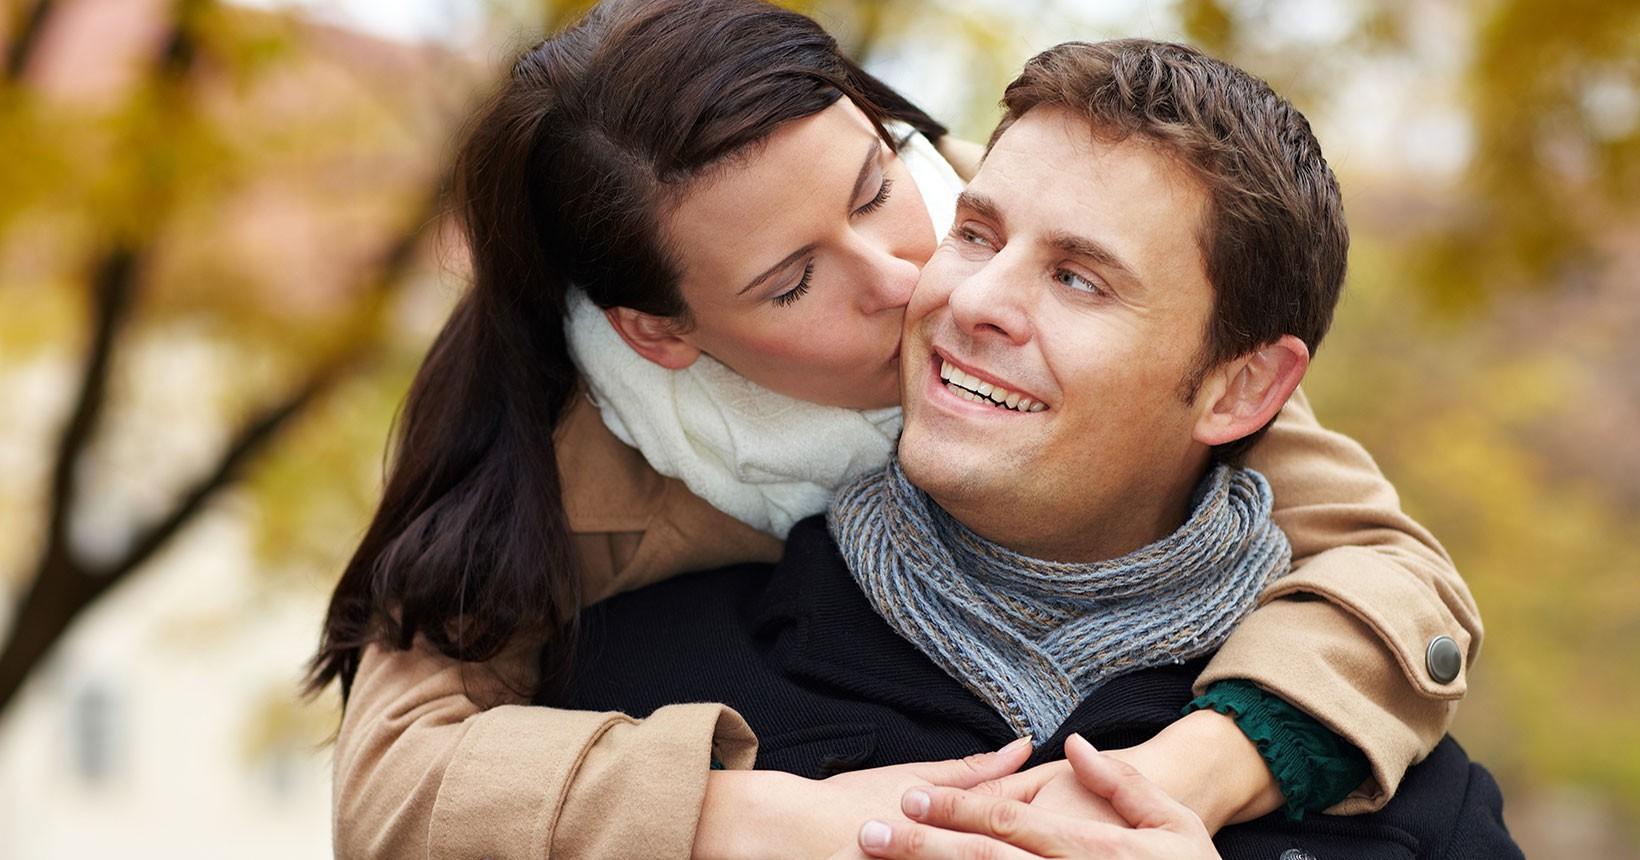 Måndag par dating 2015